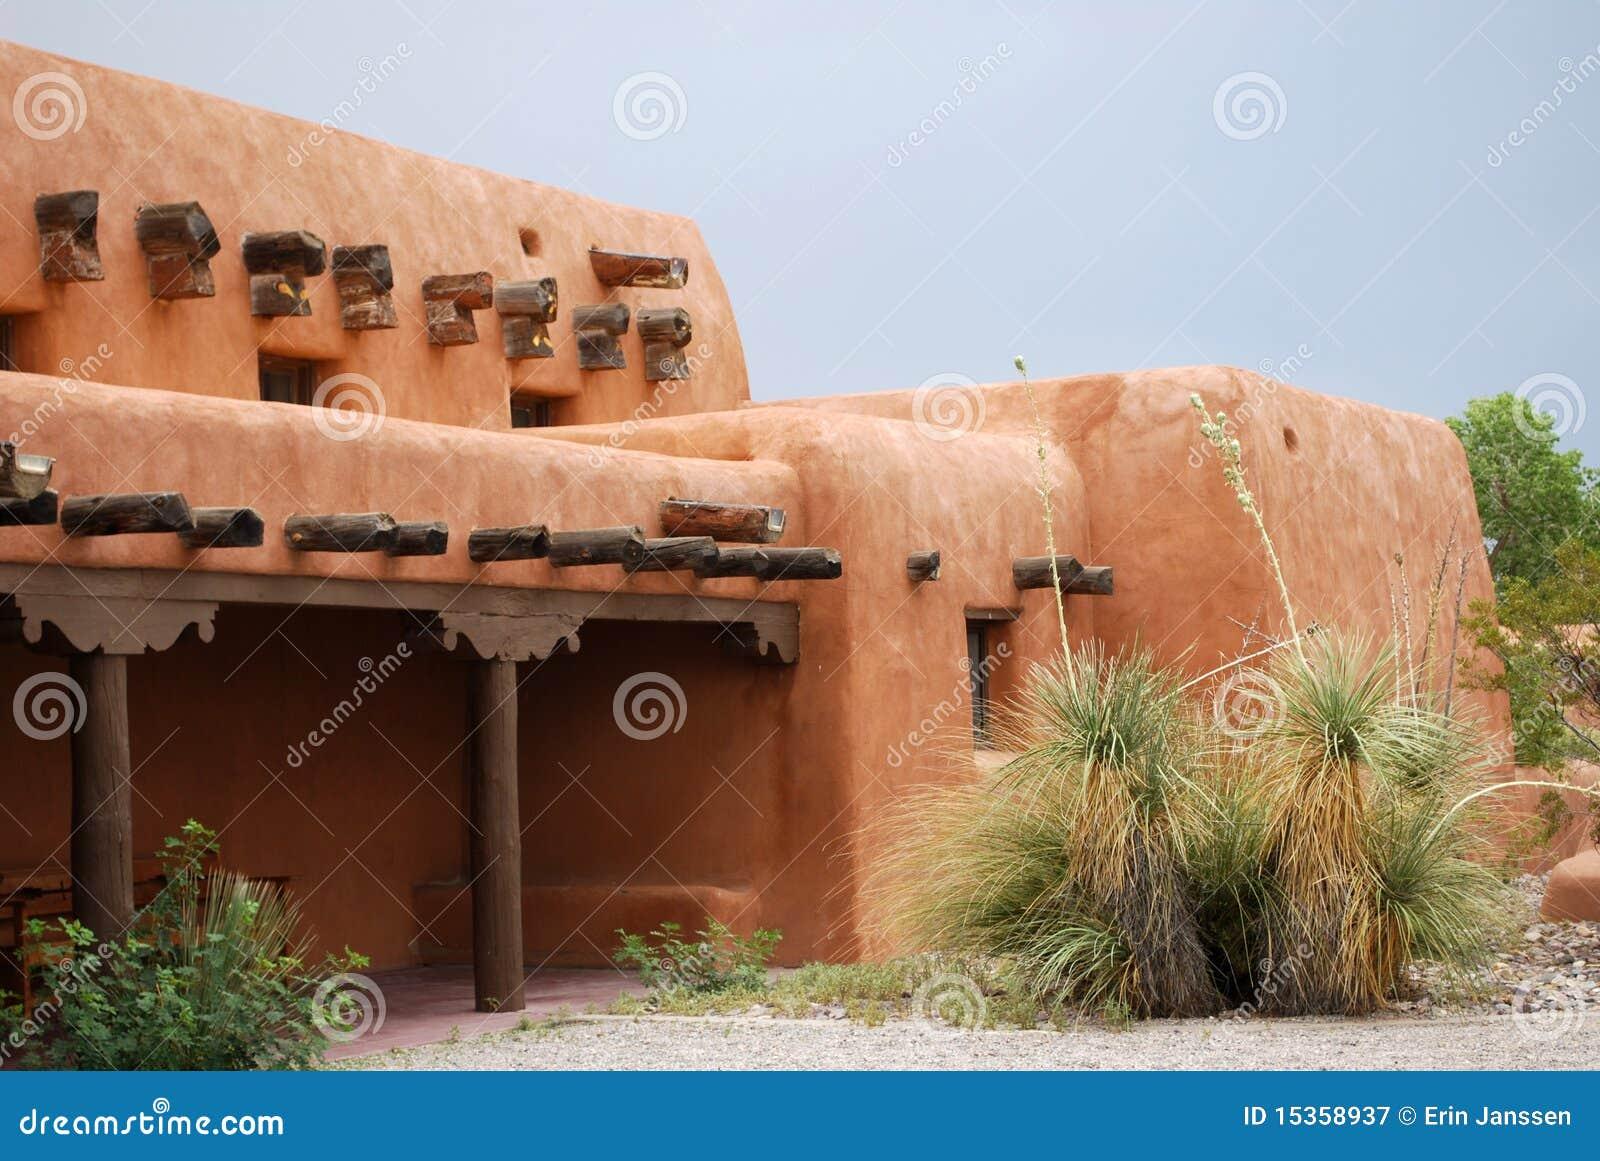 New Mexico adobe house stock image Image of hispanic 15358937